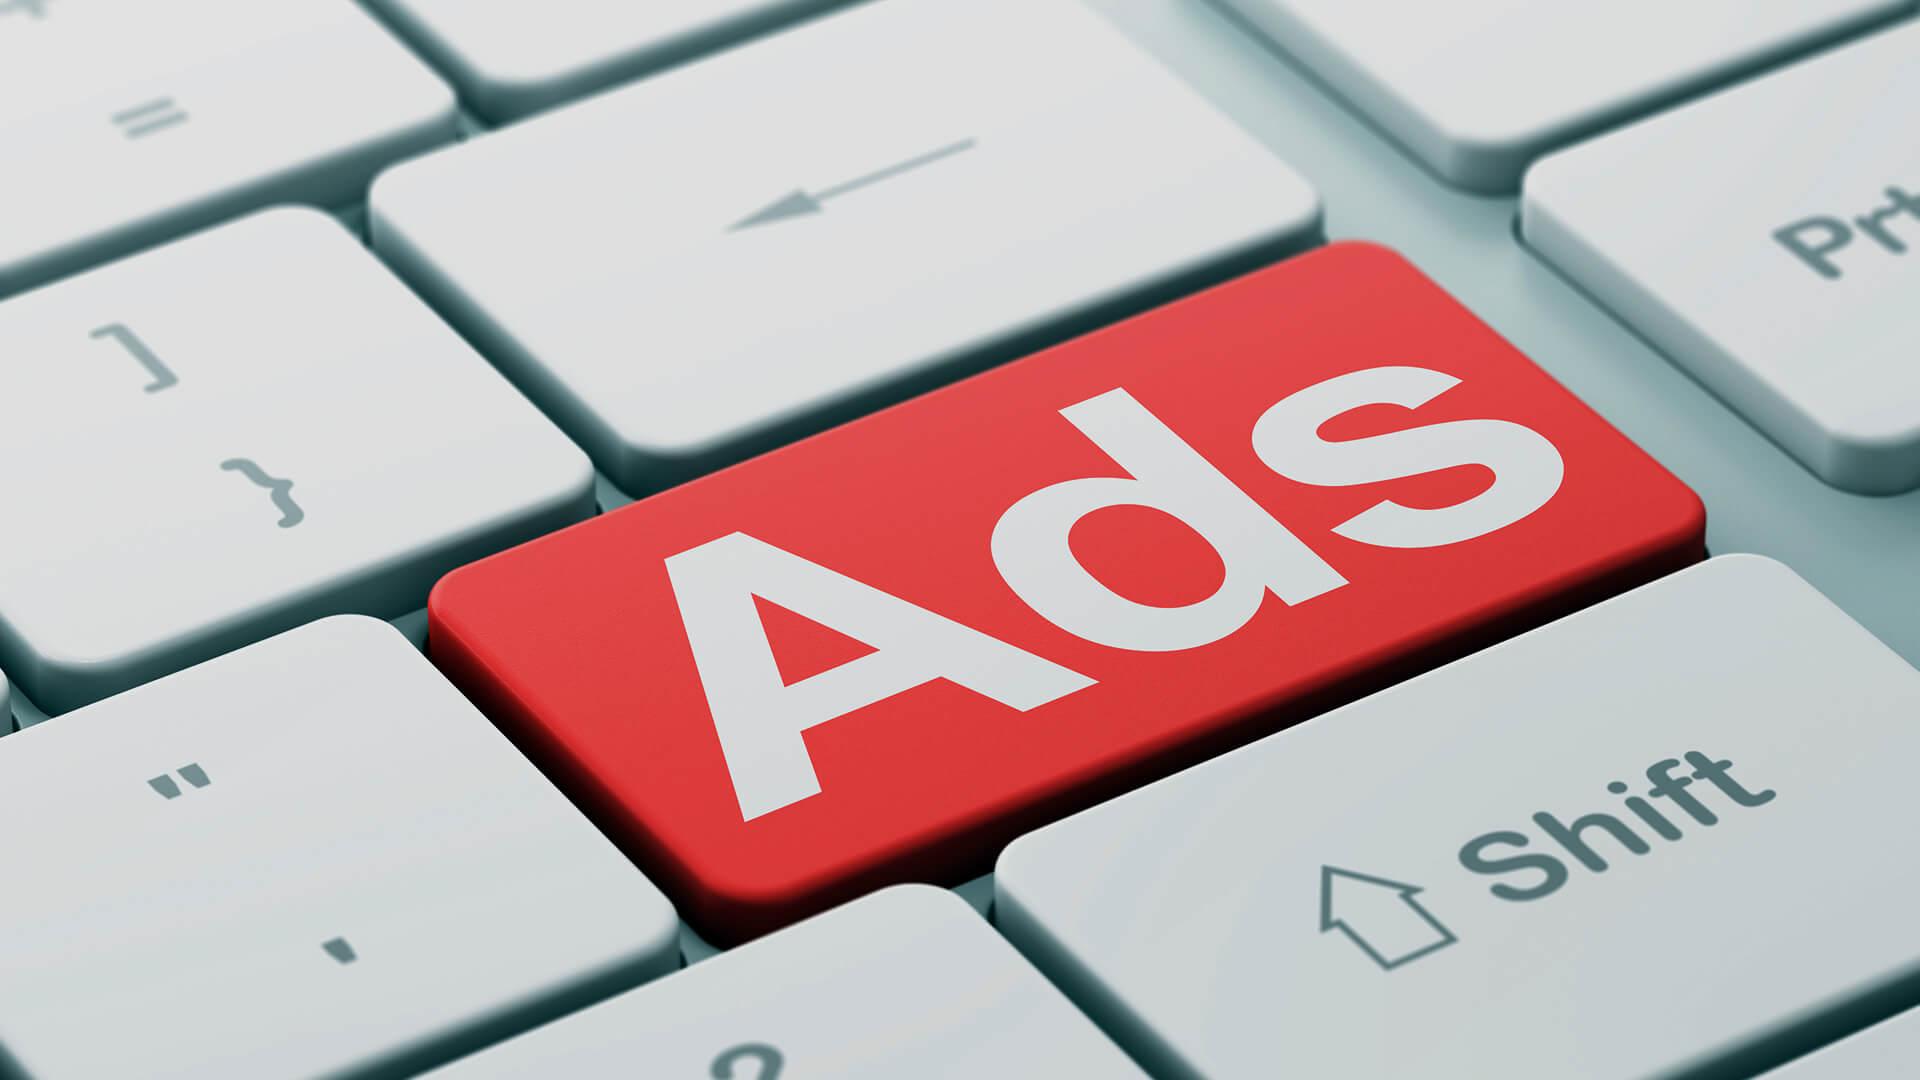 Apple снова разлюбила блокировщики рекламы, но не все